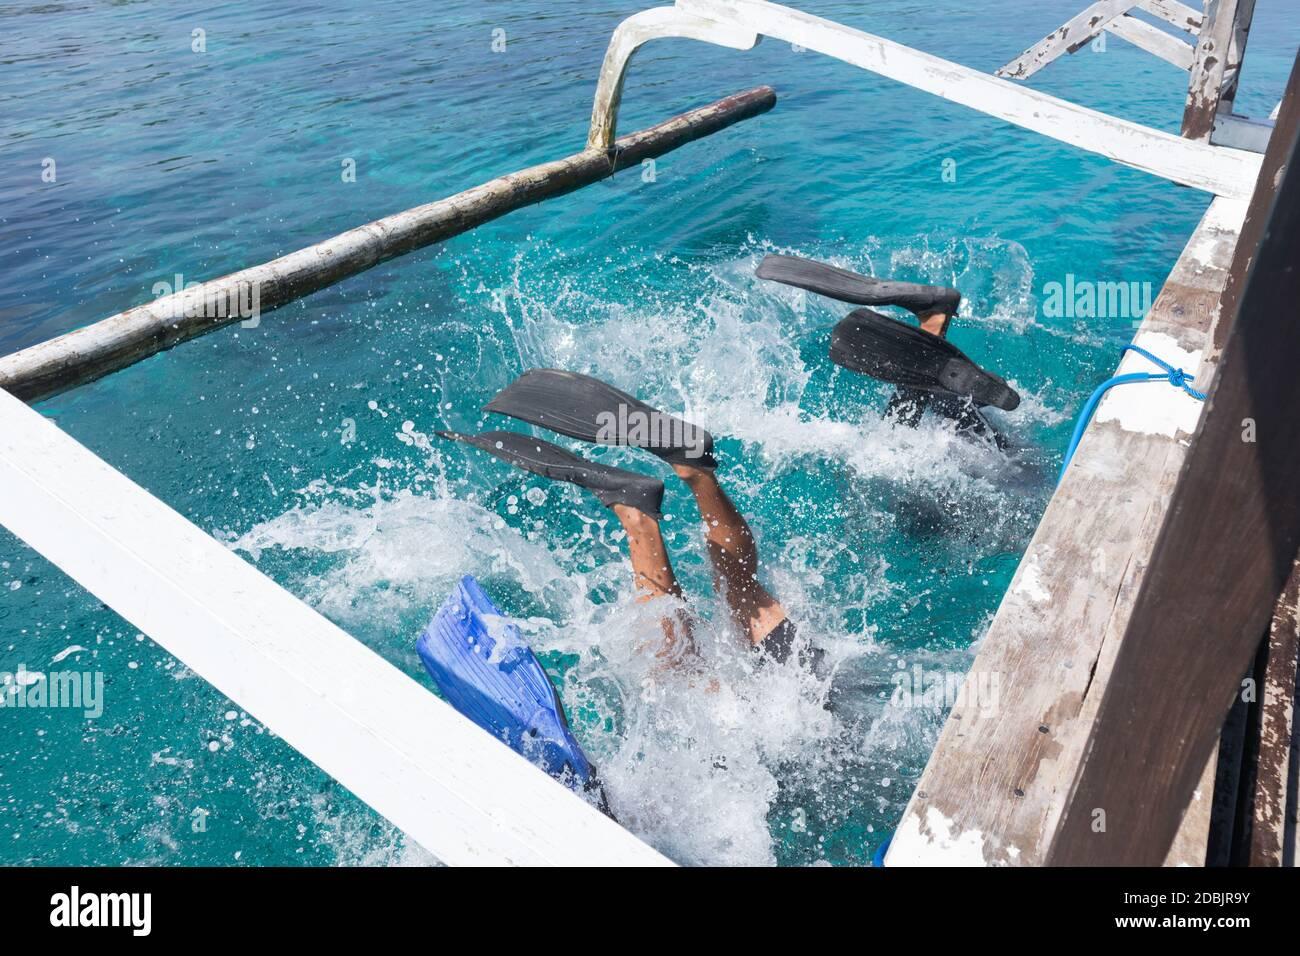 Les plongeurs se rendient dans la mer bleue transparente à partir du bord d'un bateau. Il y a plusieurs façons de descendre du bateau lors de la plongée. L'un d'eux est par Banque D'Images